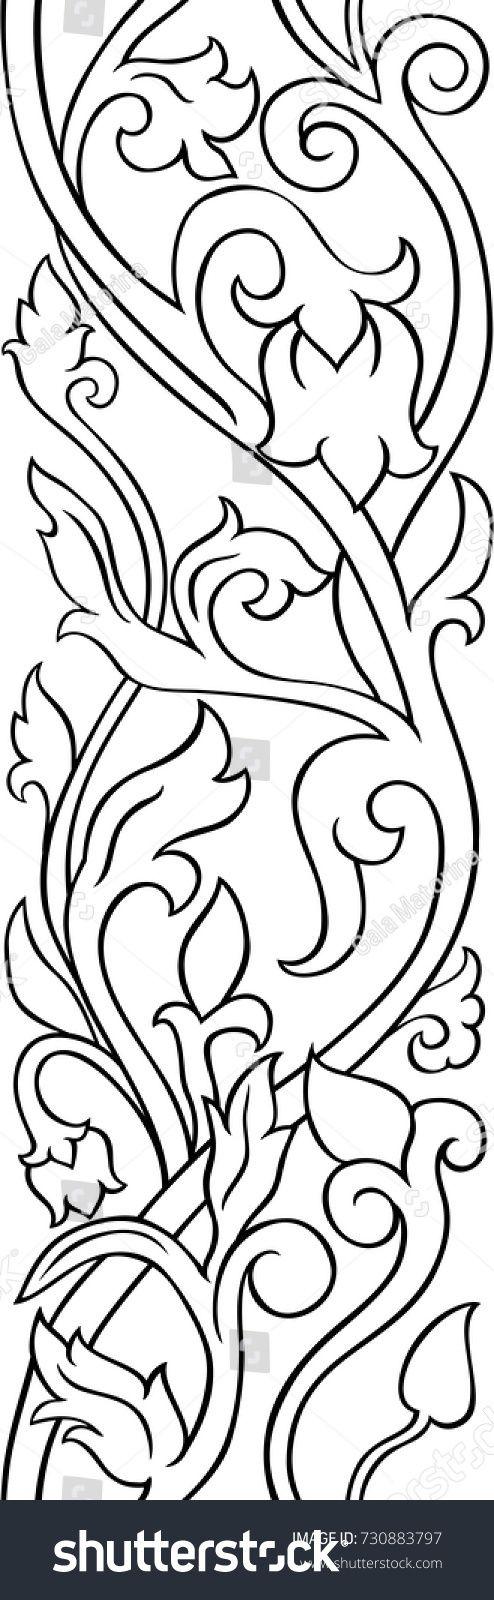 Black And White Floral Pattern Filigree Ornament Stylized Template For Wallpaper Textile Oboi S Cvetochnym Uzorom Meditativnye Uzory Hudozhestvennaya Rospis